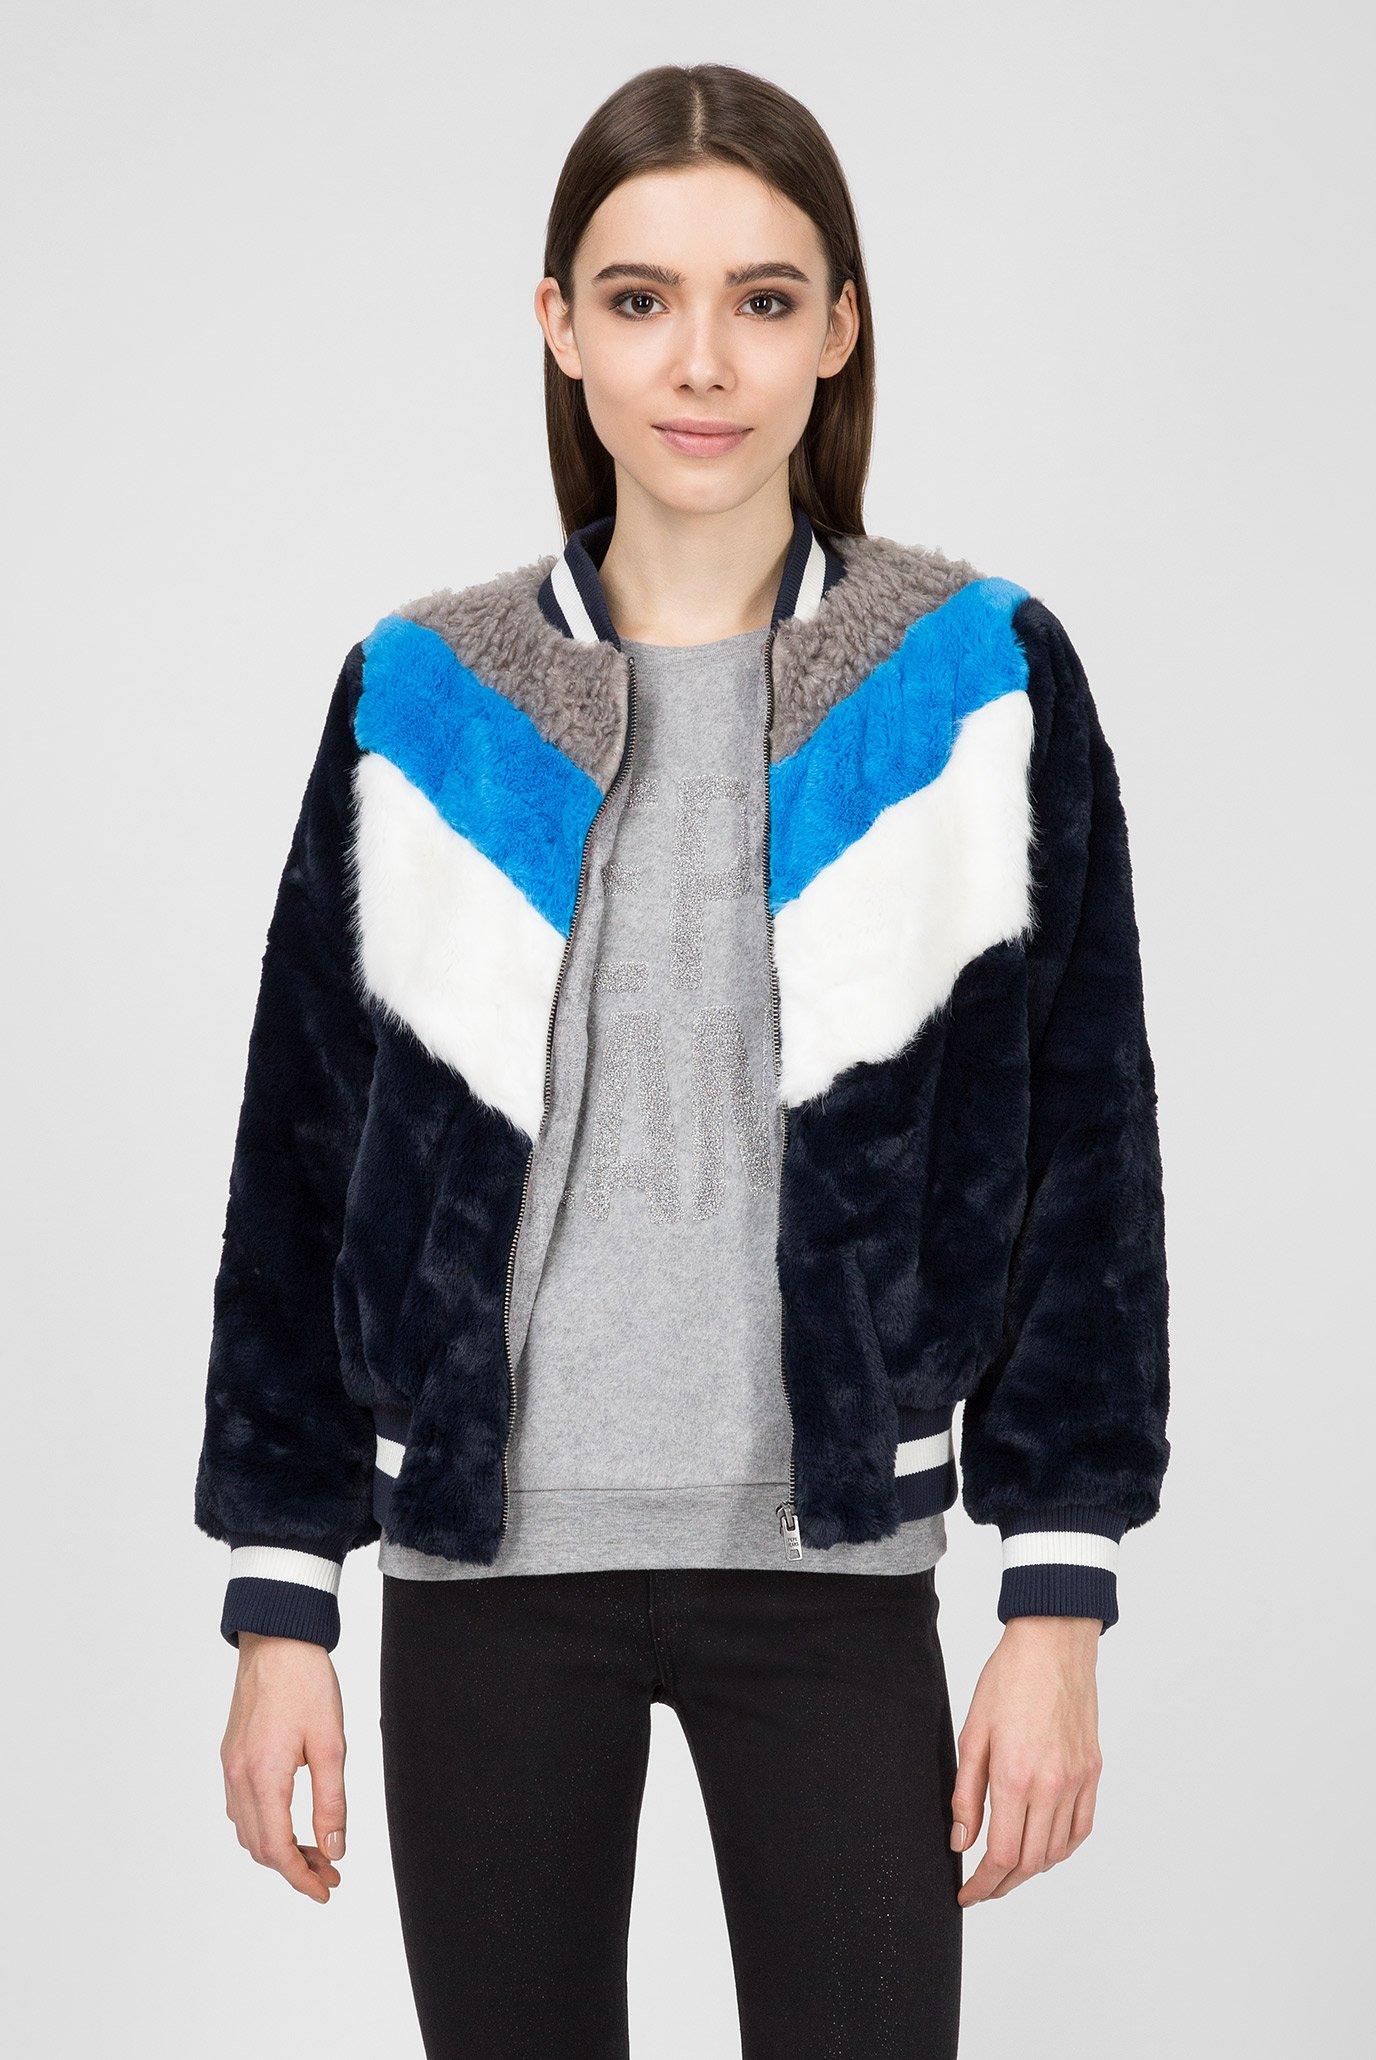 Купить Женский темно-синий меховой бомбер HEBE Pepe Jeans Pepe Jeans PL401536 – Киев, Украина. Цены в интернет магазине MD Fashion